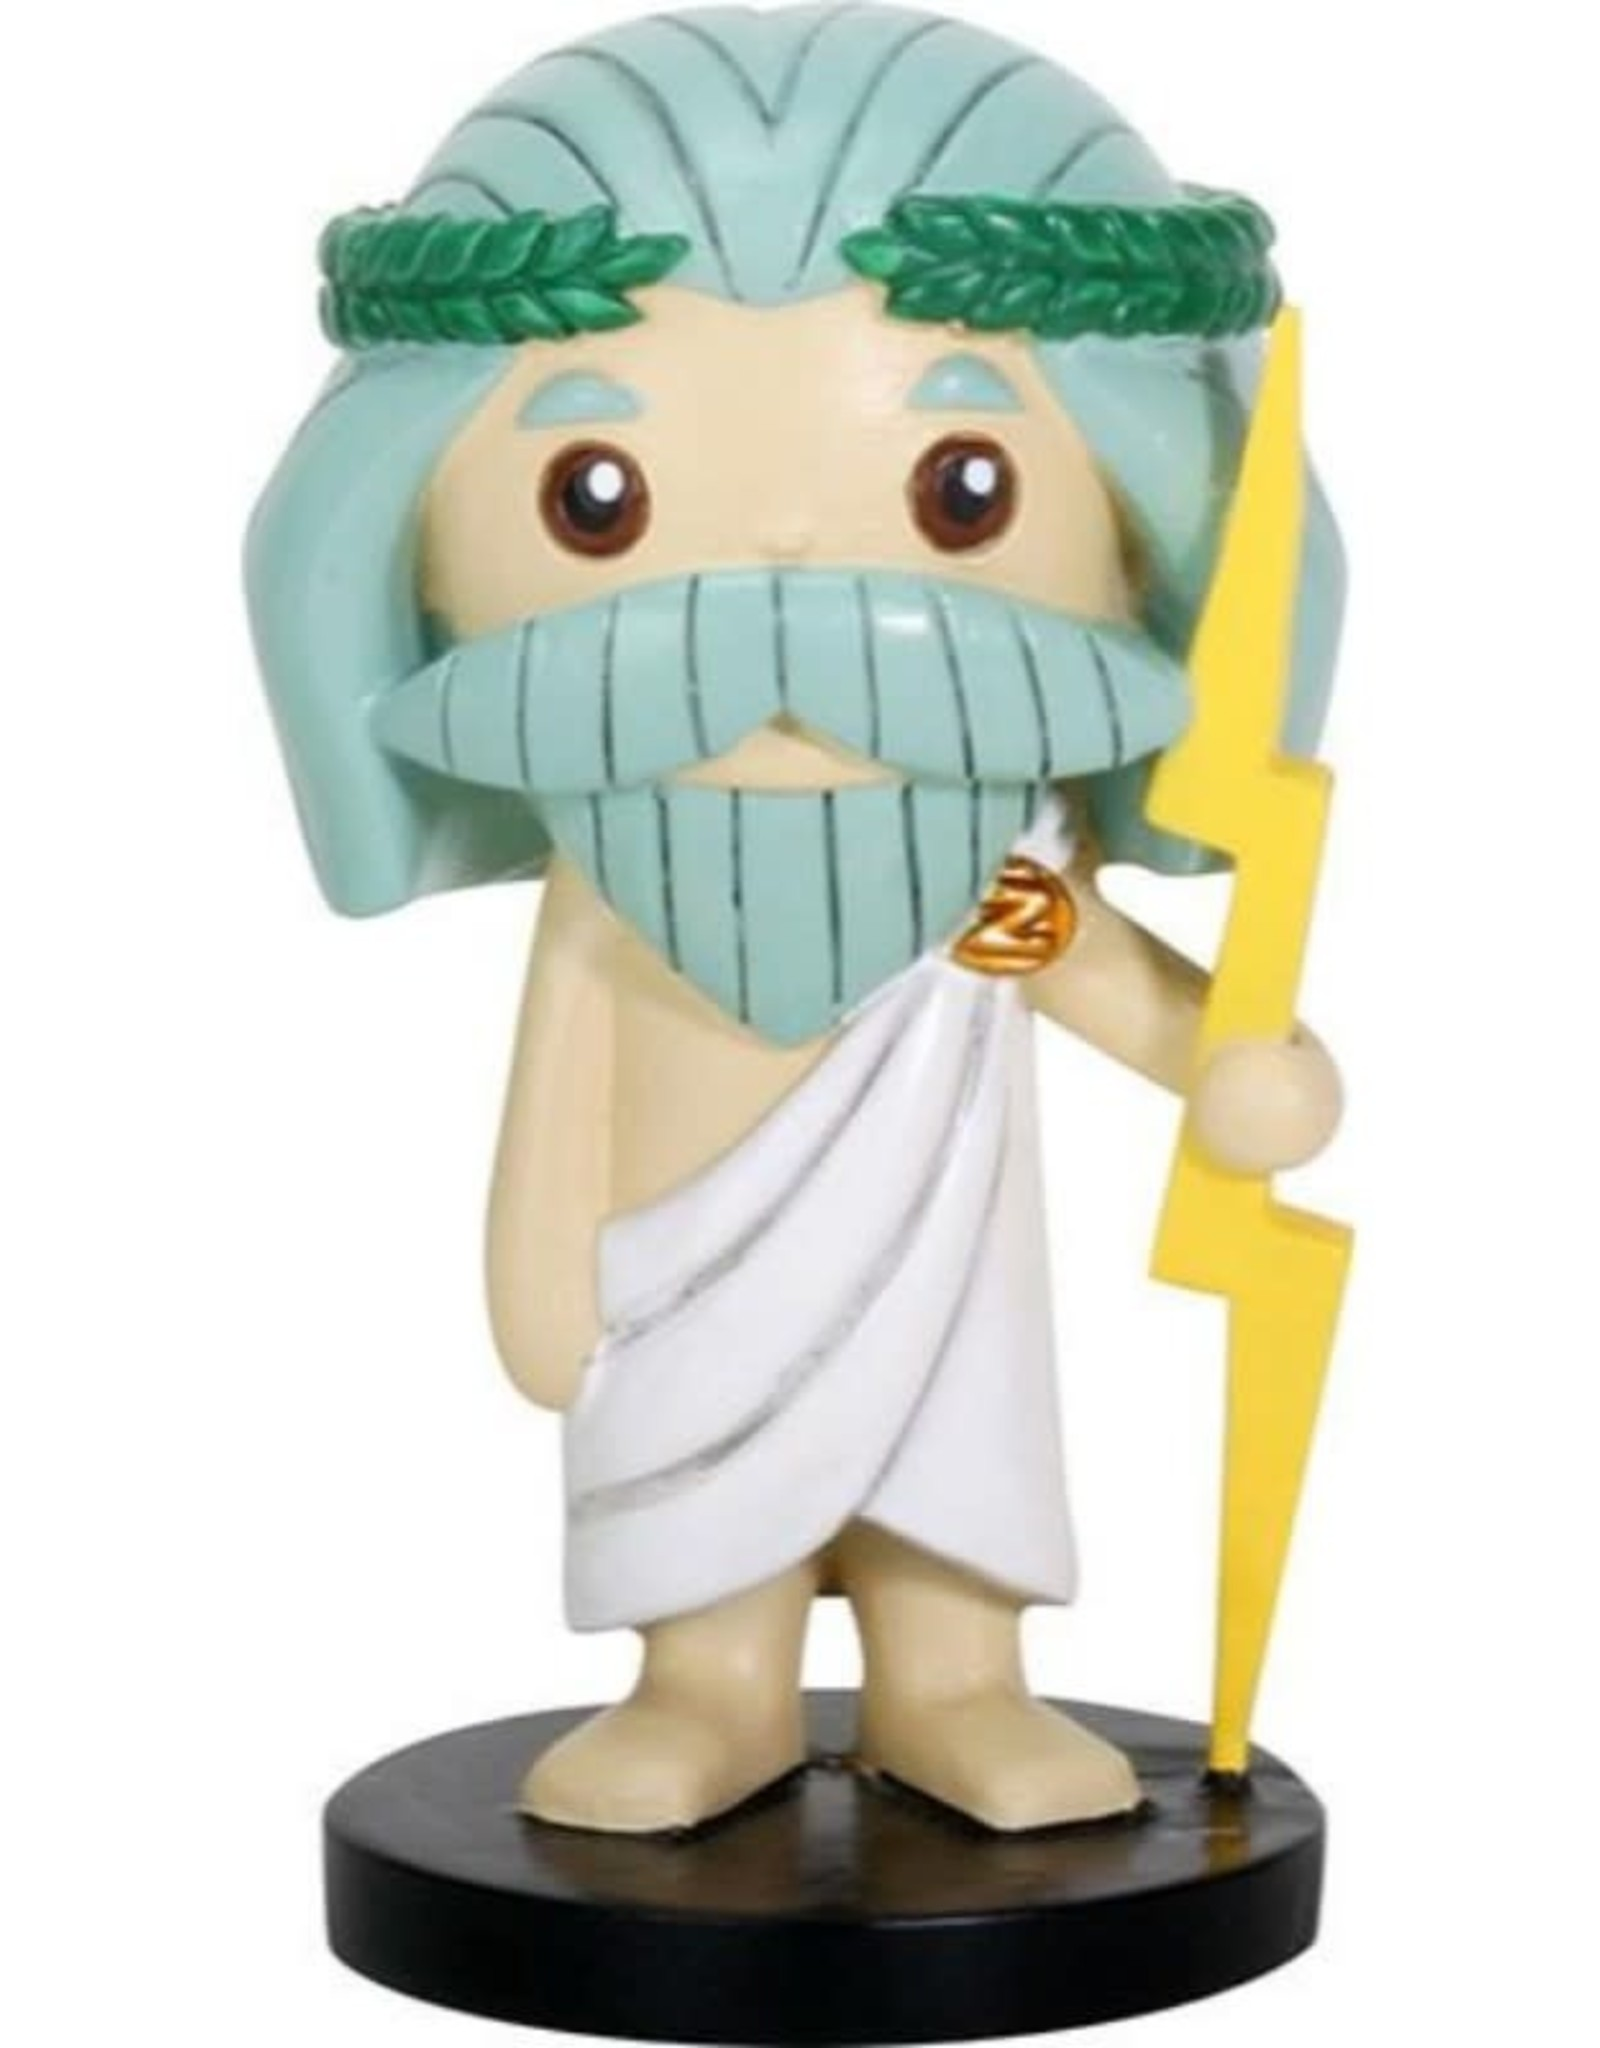 Greekies Zeus